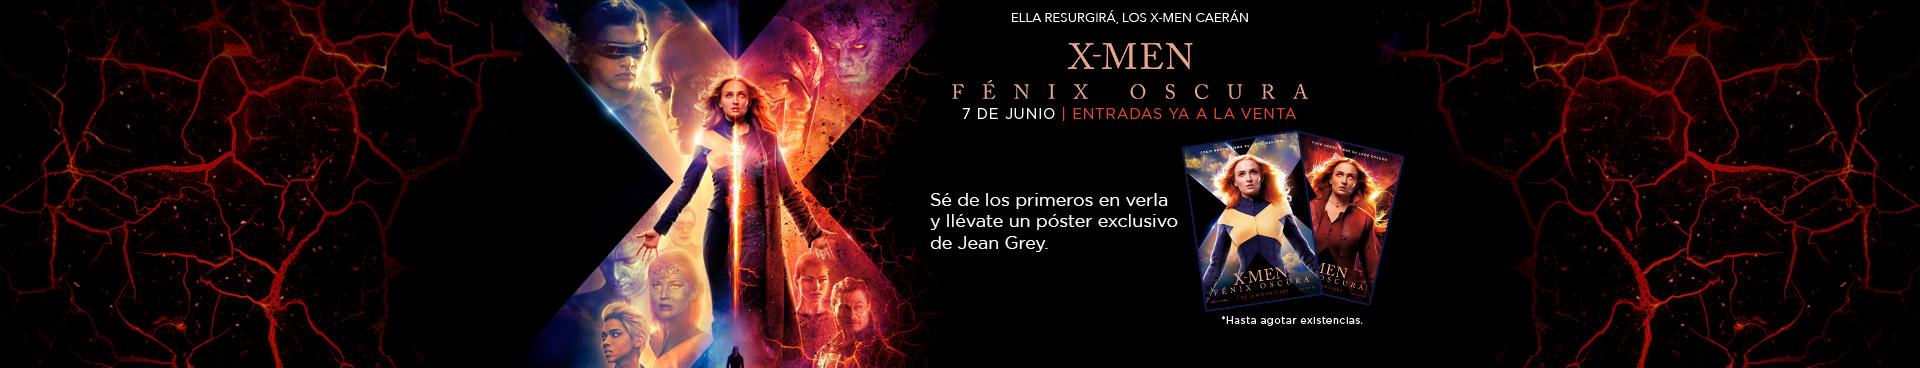 X-MEN- Fénix Oscura